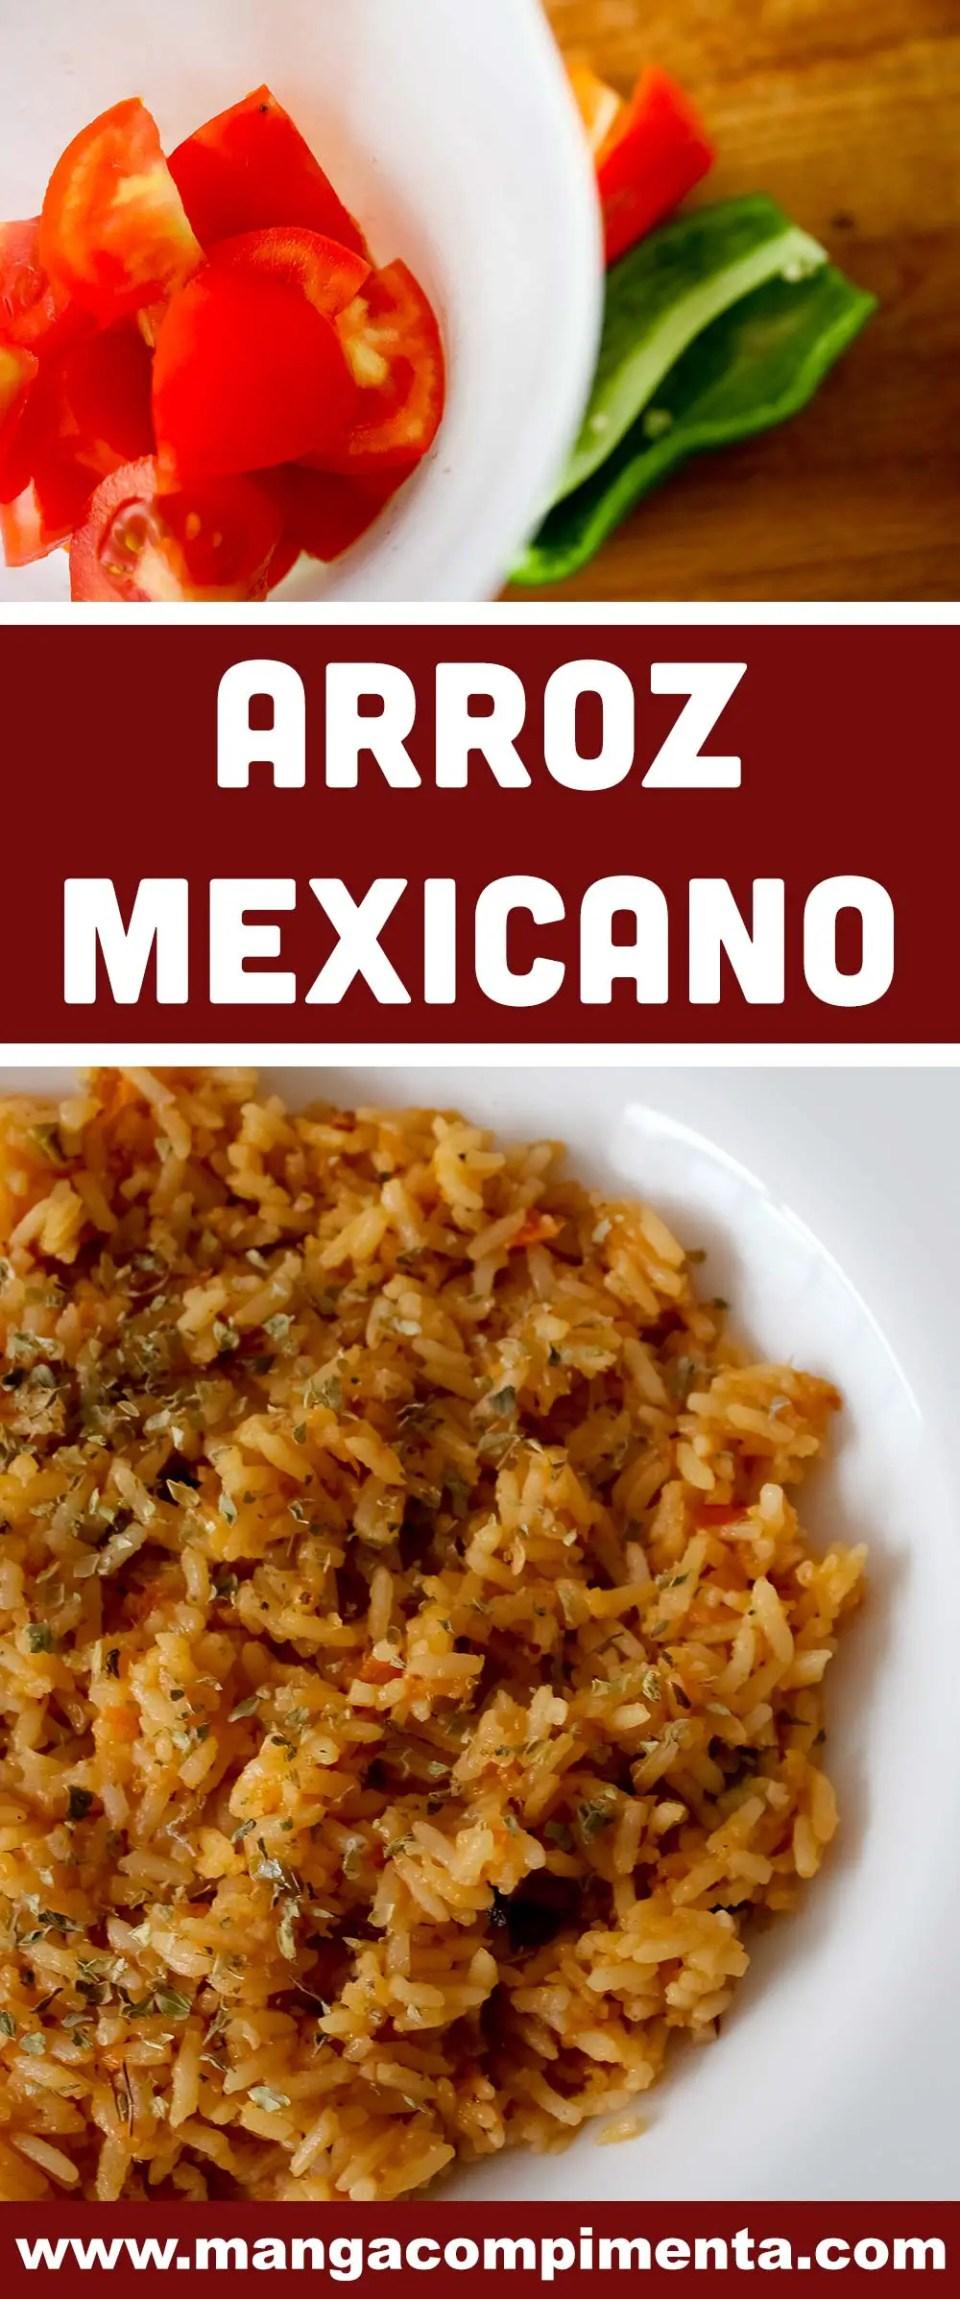 Arroz Mexicano - prepare um almoço diferente em casa!